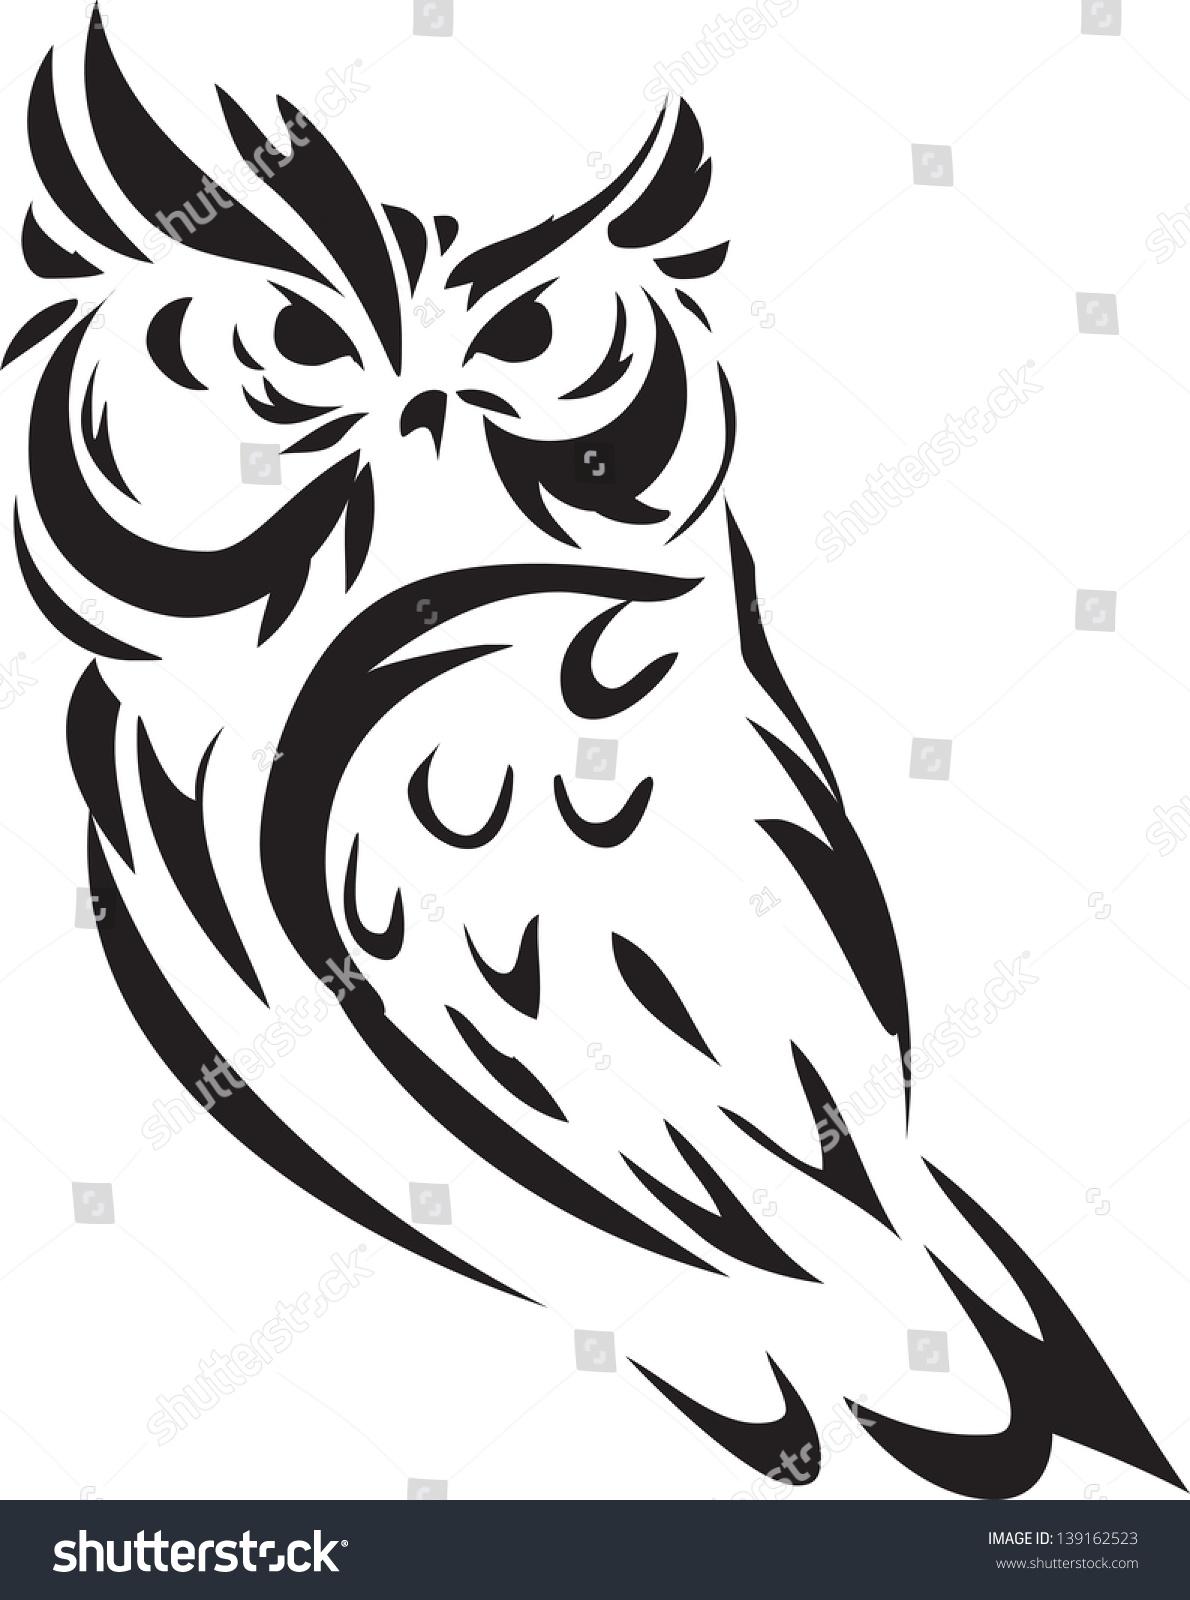 Owl Outline Illustration 139162523 Shutterstock